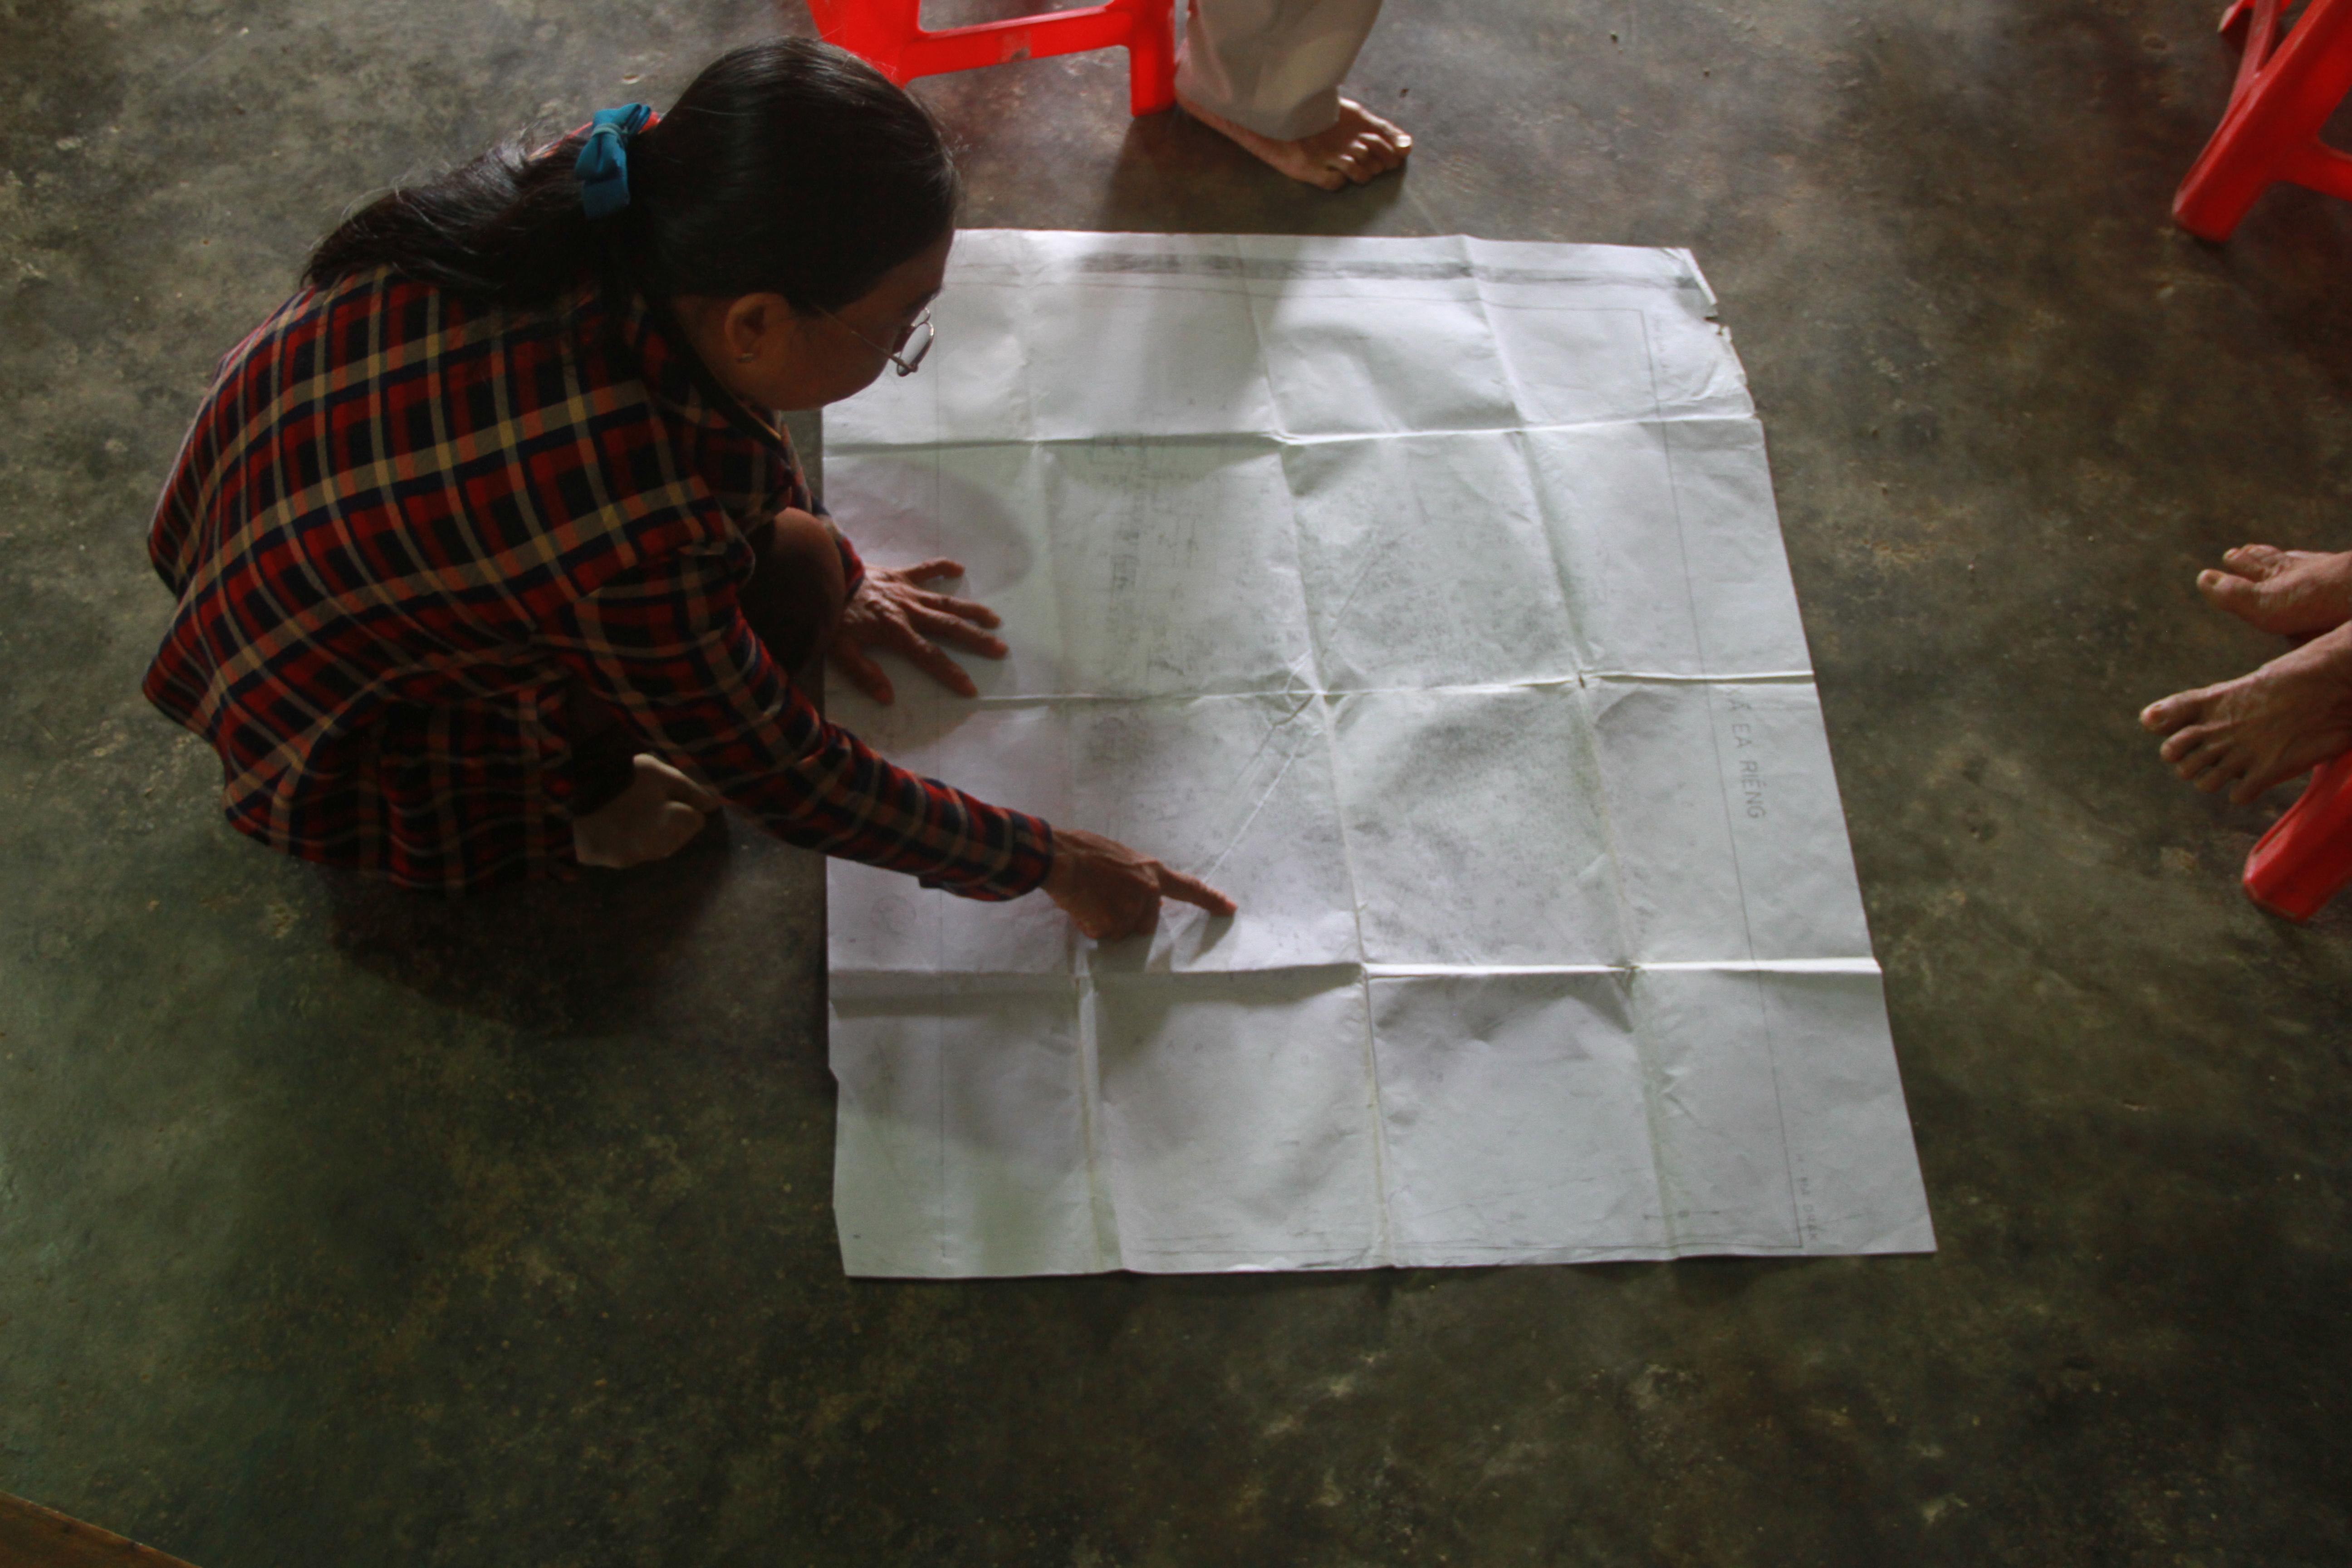 Bà Hiền phát hiện tại các tờ bản đồ thể hiện đất của ông Thăng chỉ 3.000m2